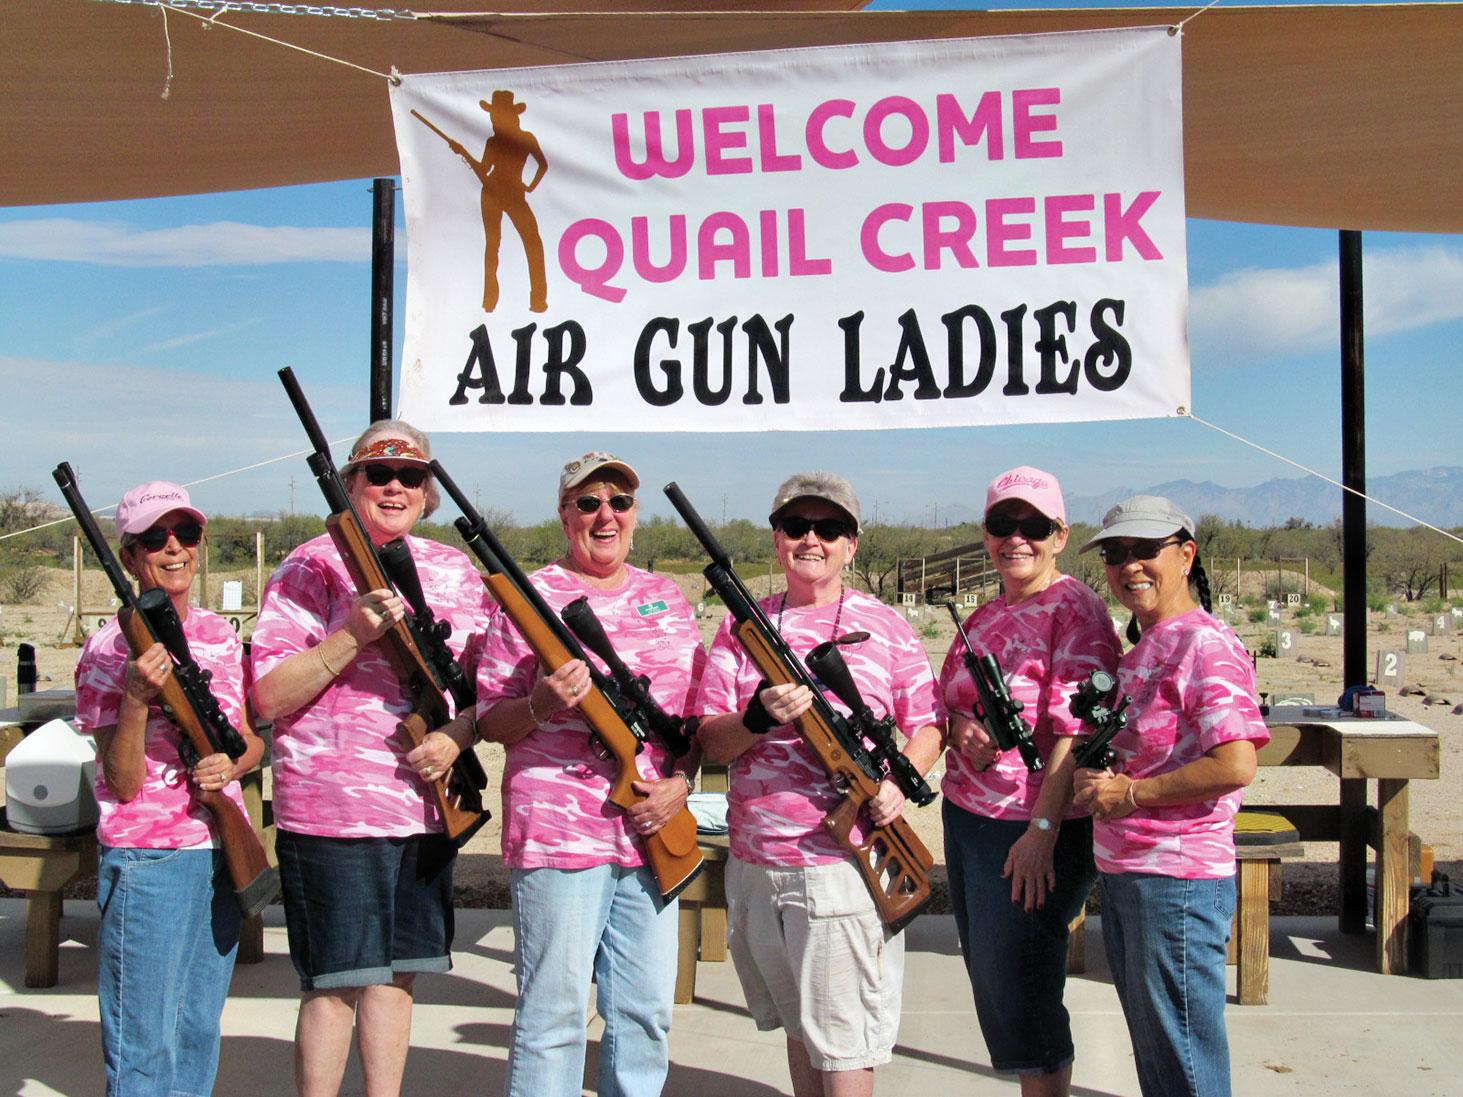 Left to right: Sheila Wyllie, Sharon Hill, Sue Scott, Eileen Sykora, Diane Nickolas and Joanne Nash